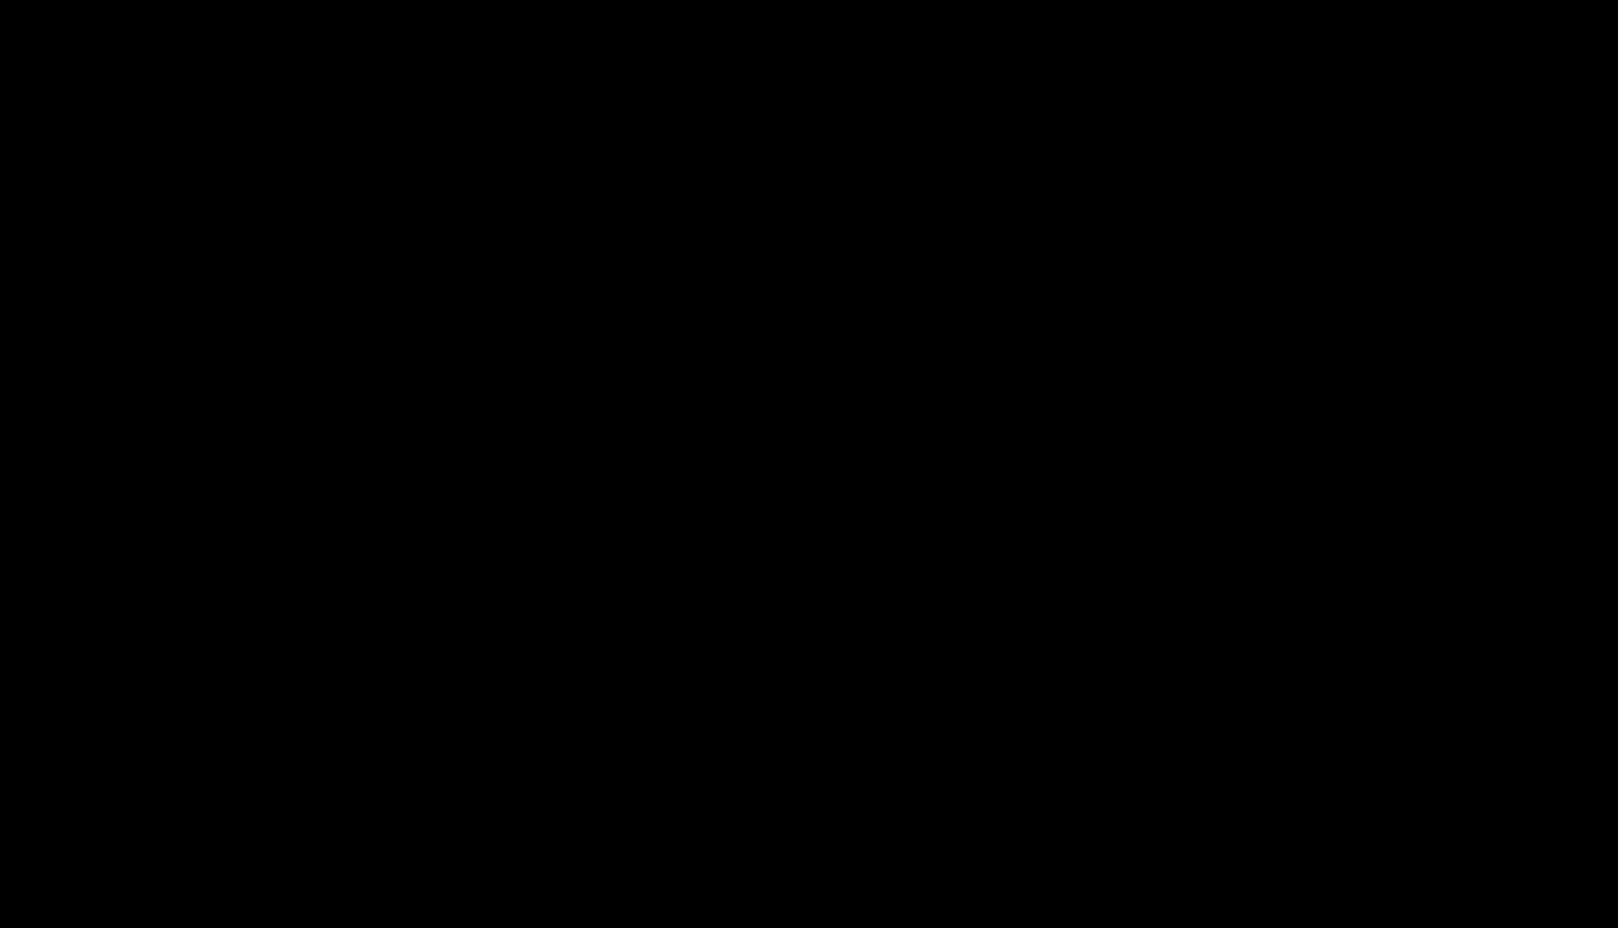 MAL-dPEG®₂₄-amido-dPEG®₂₄-TFP ester